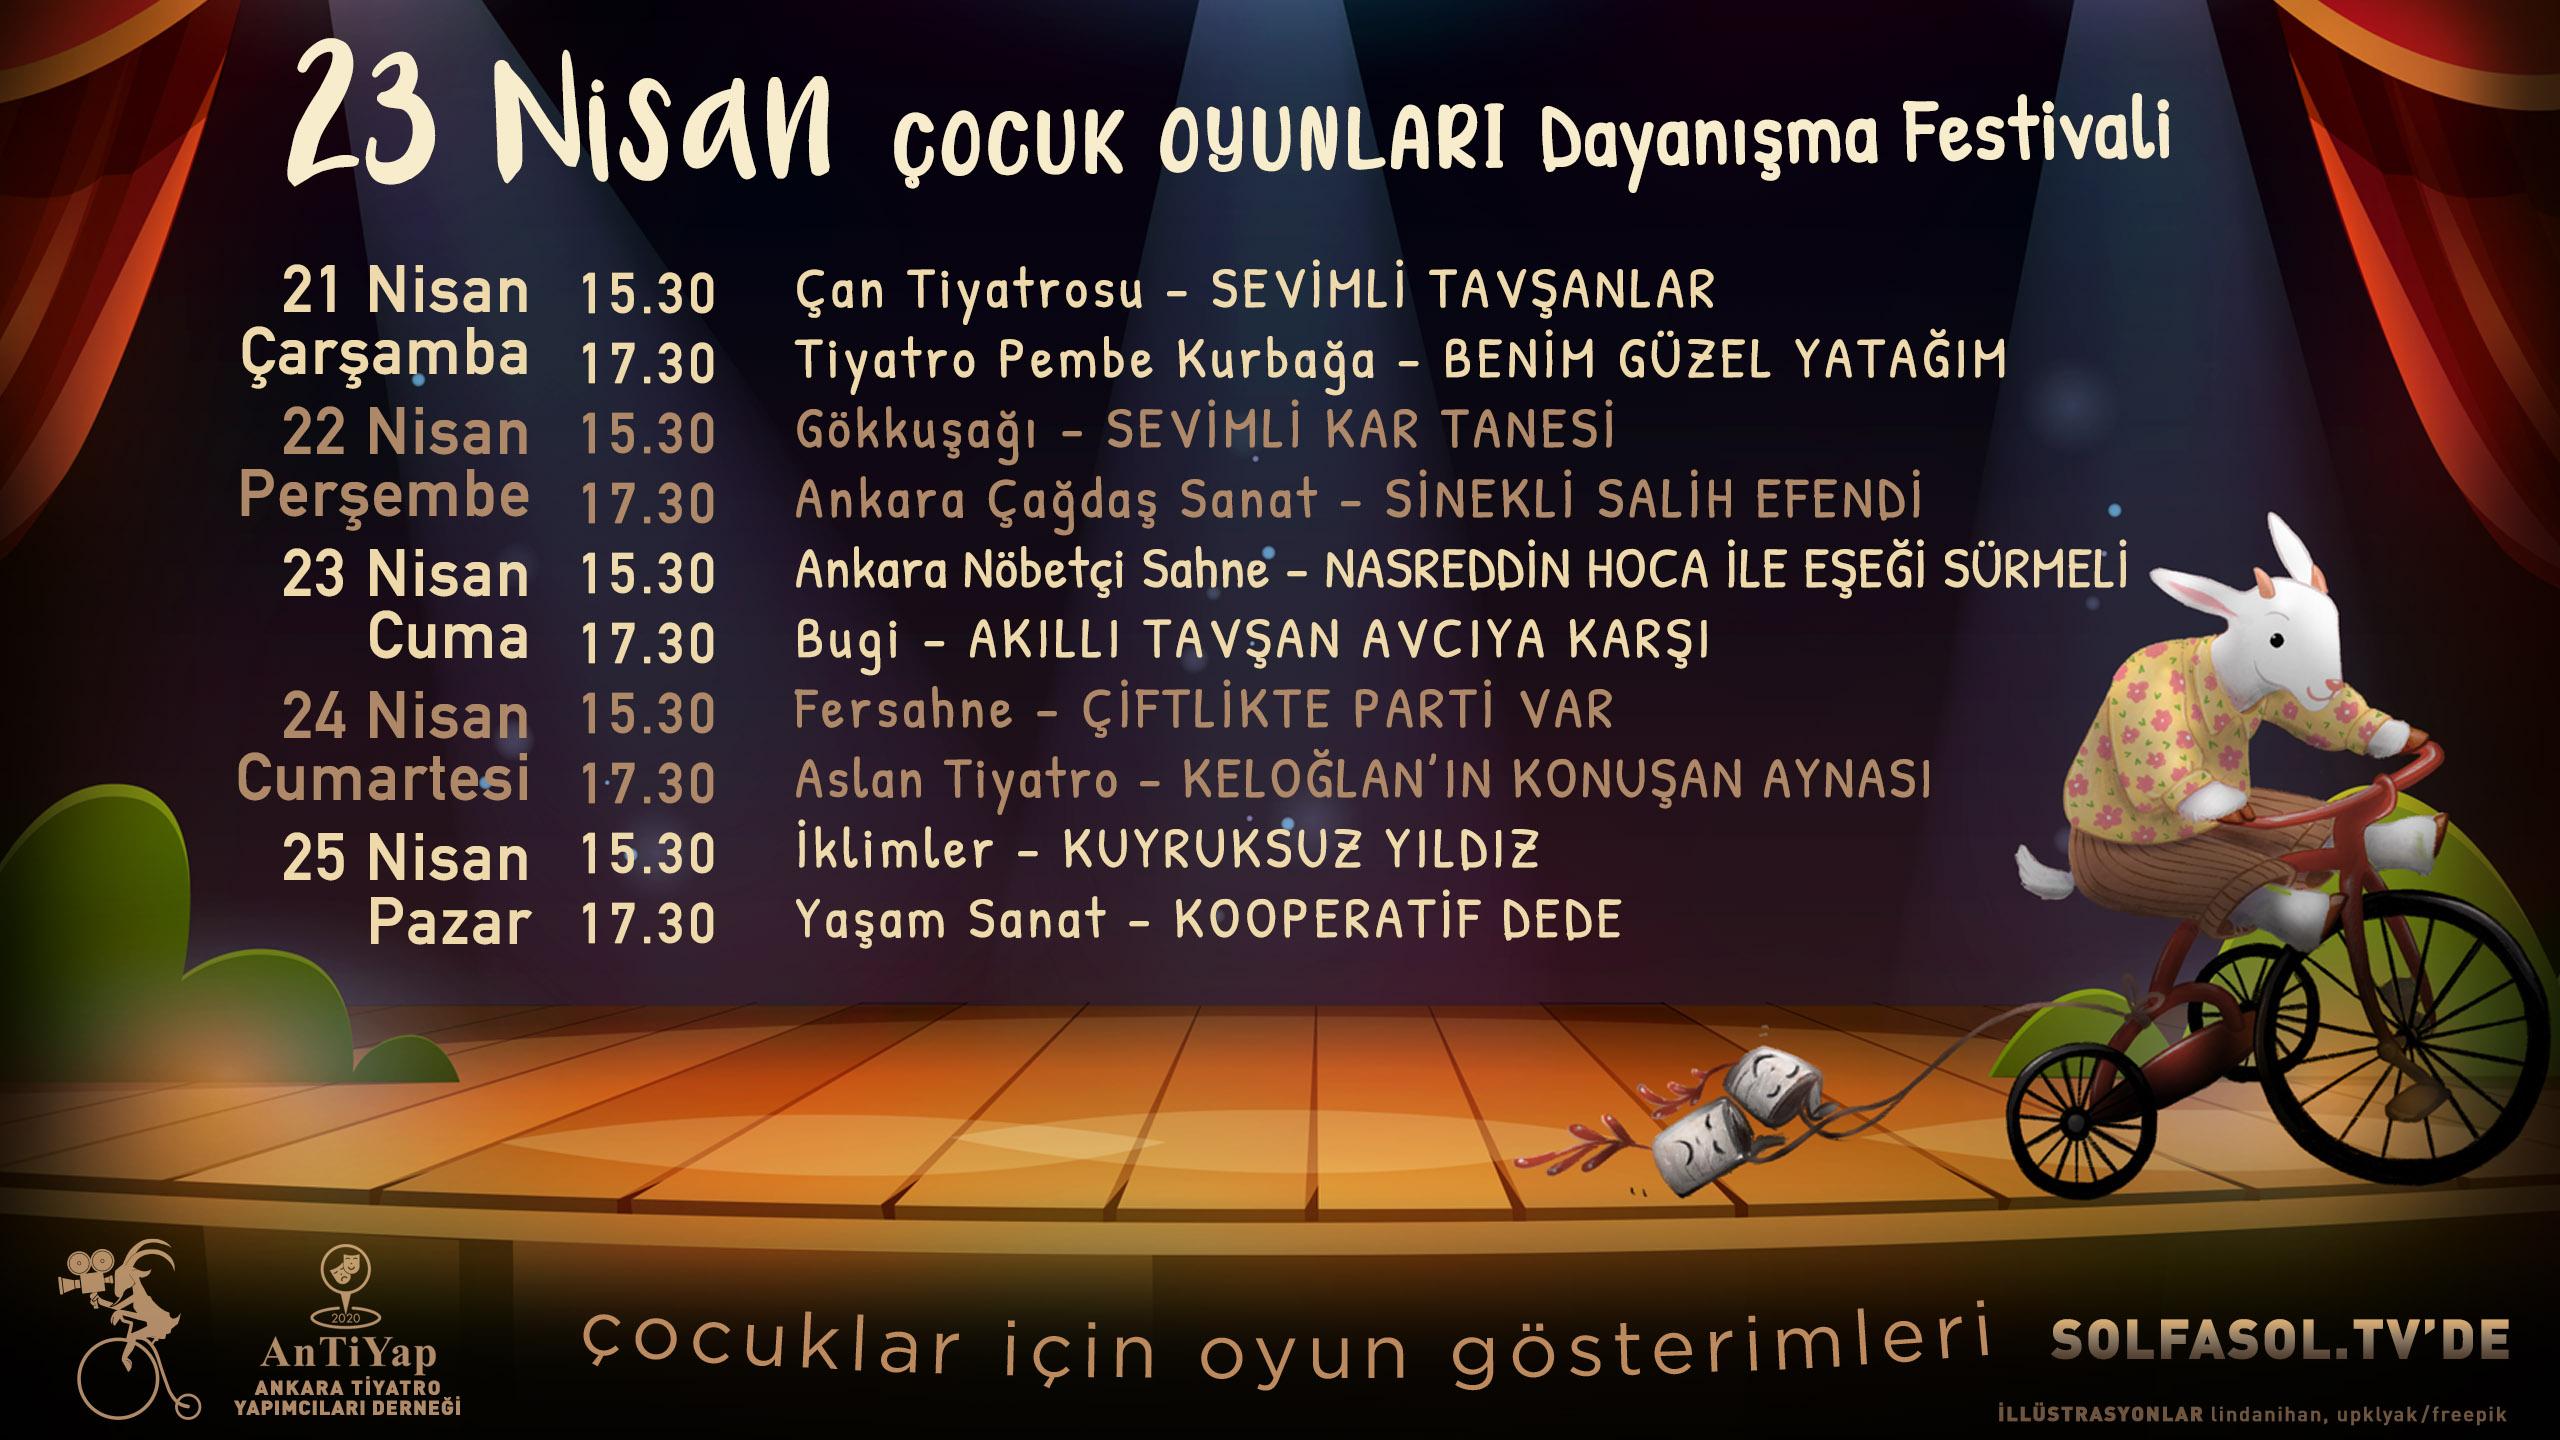 23 Nisan Çocuk Oyunları Dayanışma Festivali